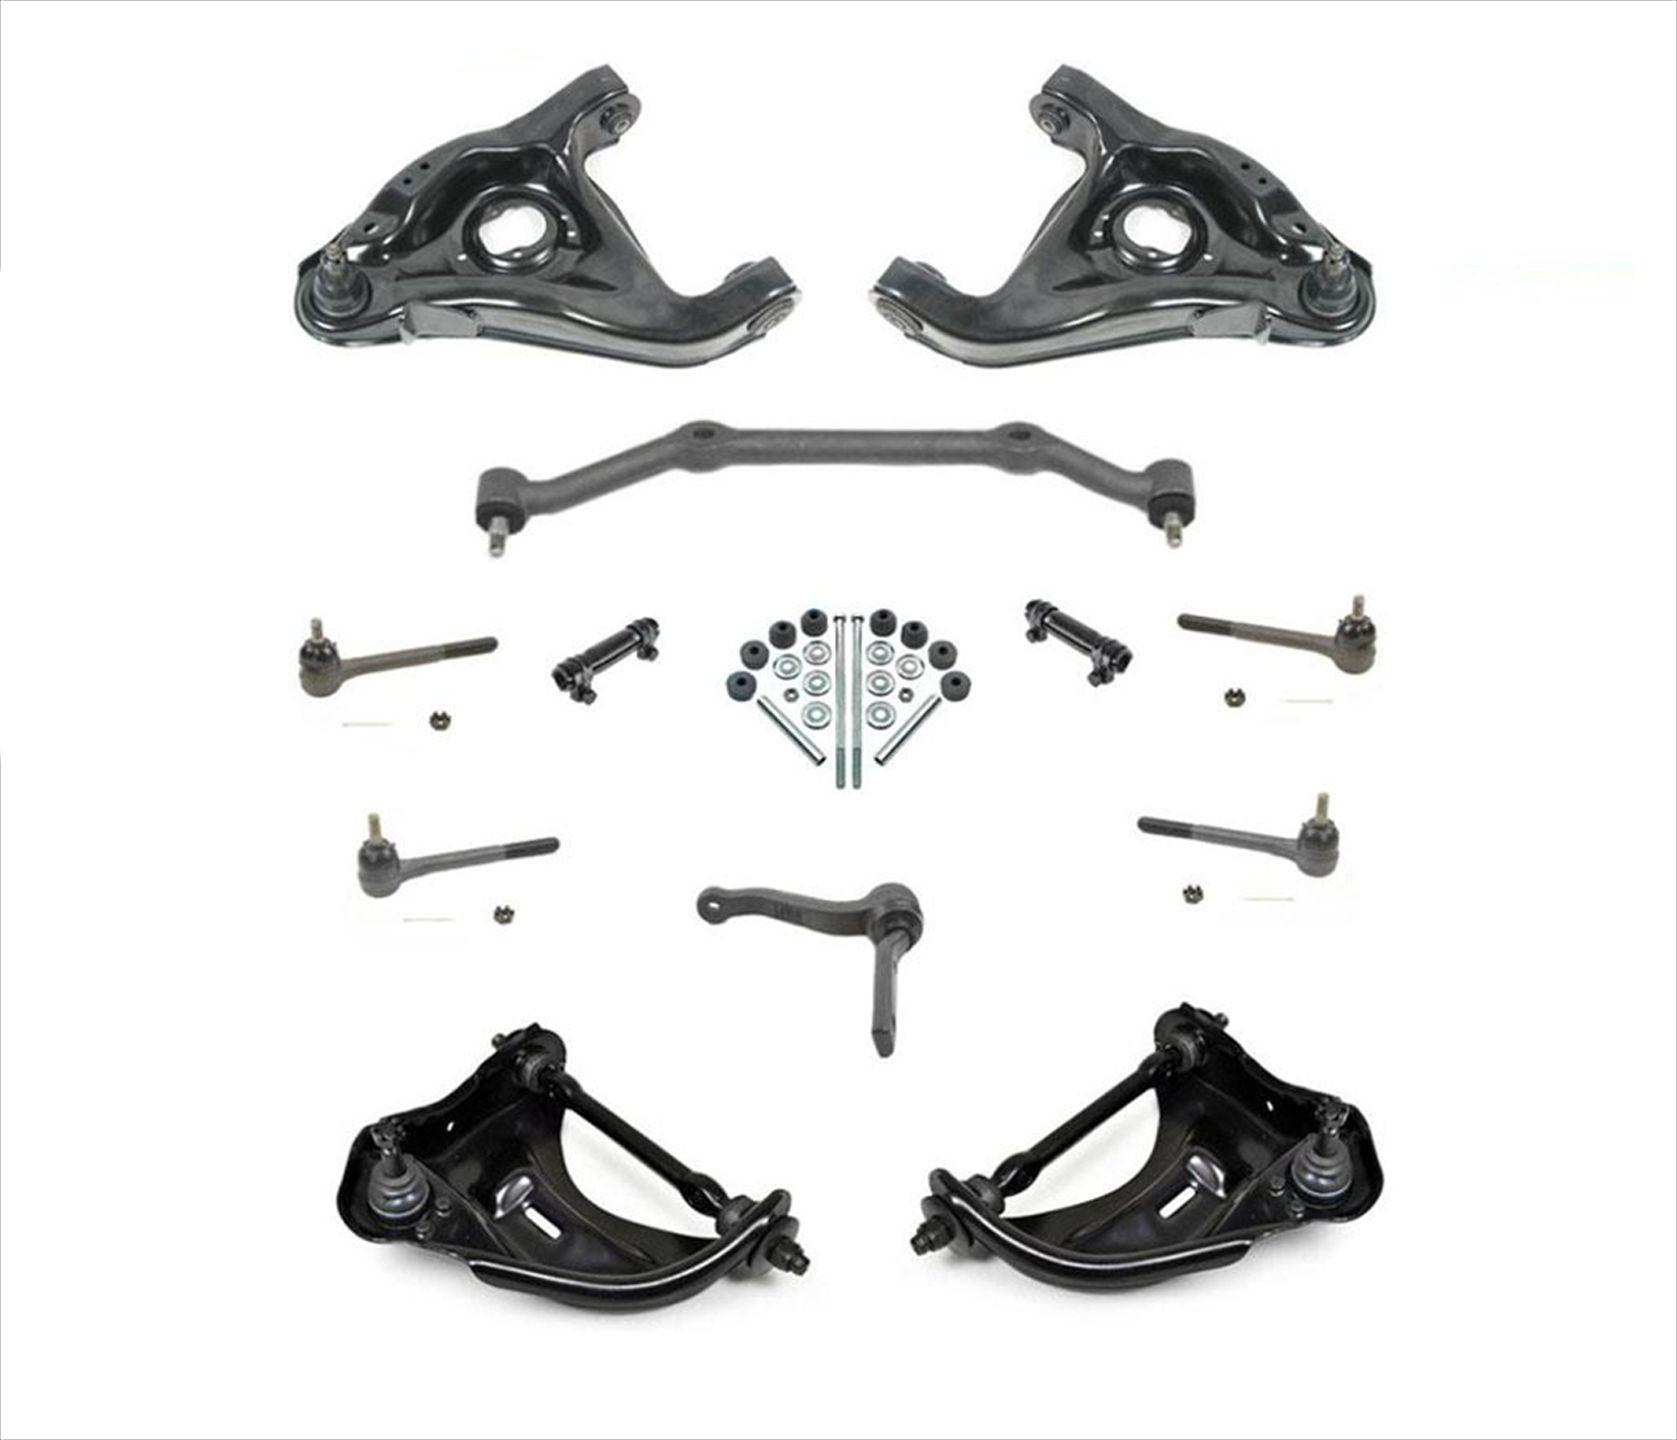 Suspension Amp Steering Kit 14pcs For 96 05 Chevrolet S10